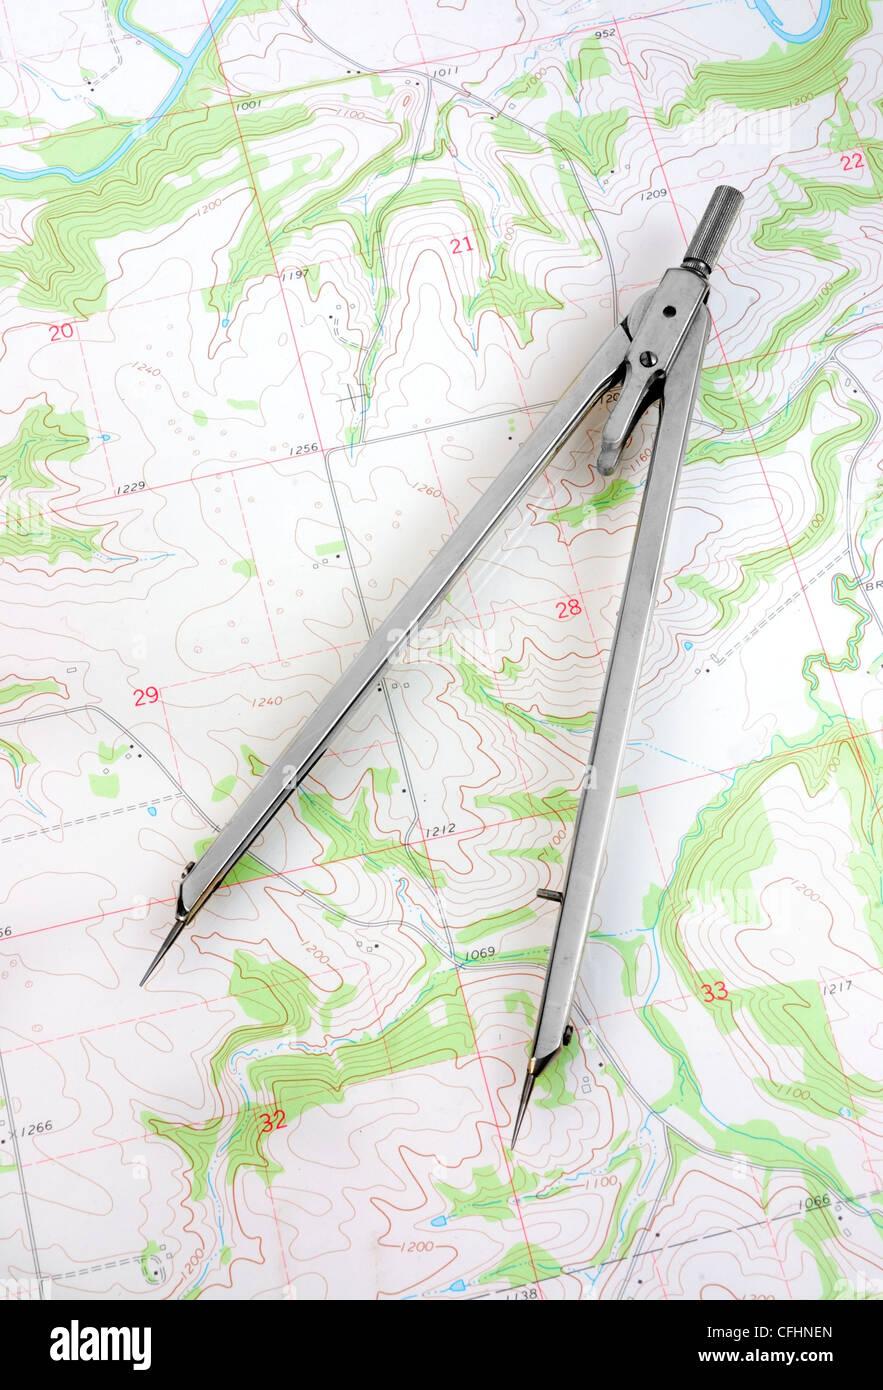 Ein Kartograph Teiler Messabstand auf einer topografischen Karte. (USGS topographischen Karte in der Public Domain). Stockbild